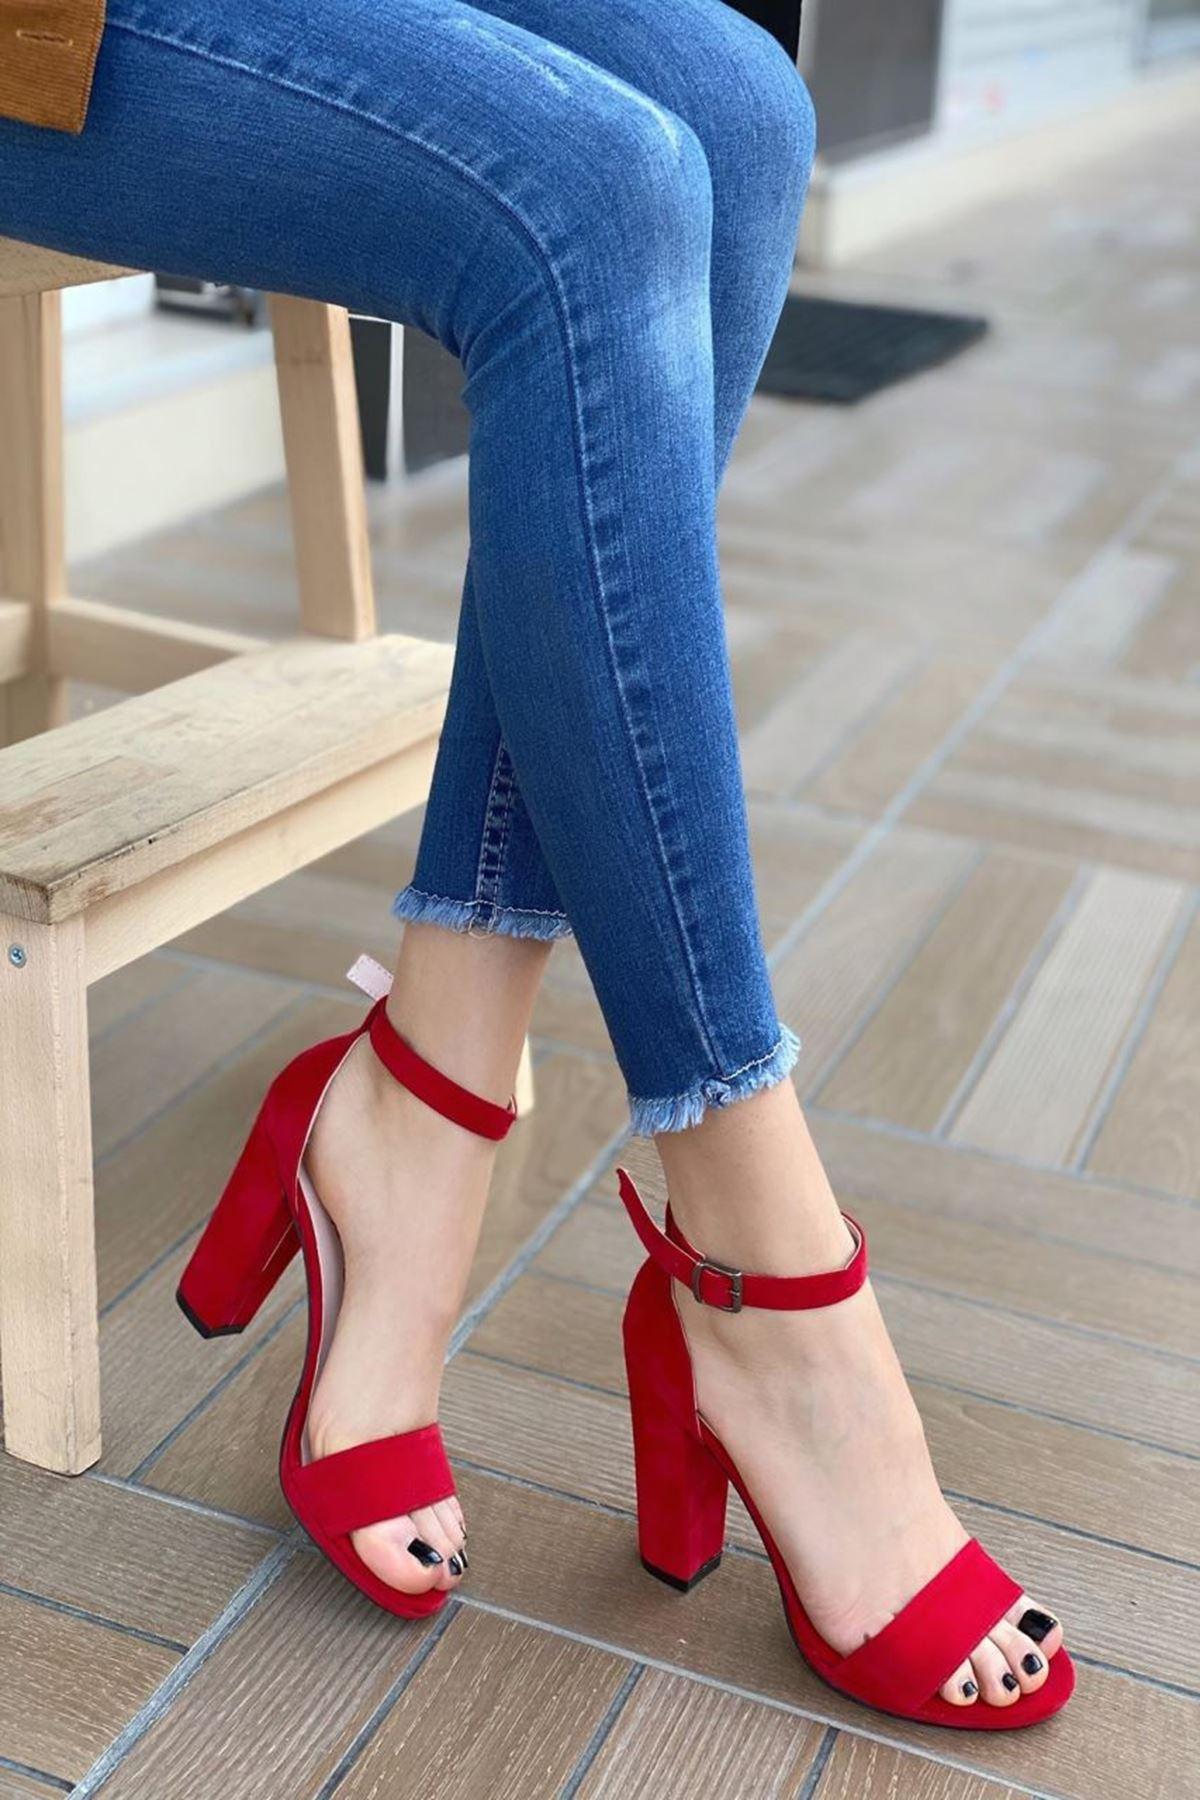 Kadın Marcas Kırmızı Süet Topuklu Ayakkabı